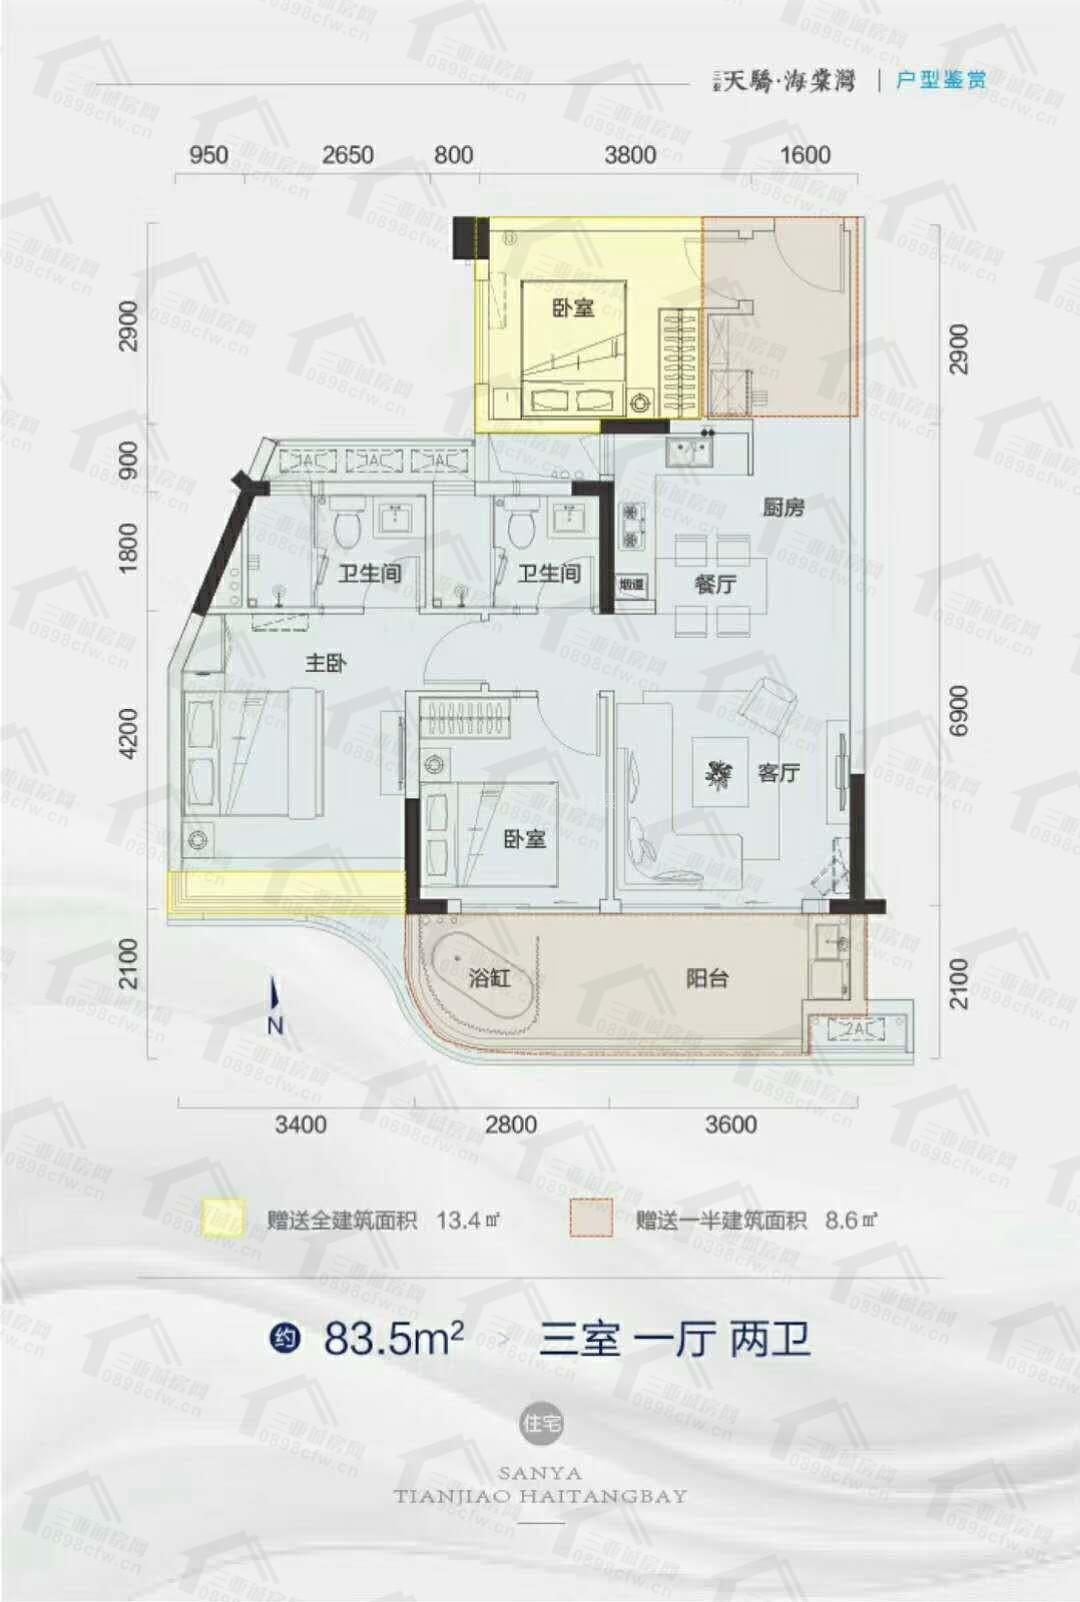 天骄海棠湾3房1厅2卫